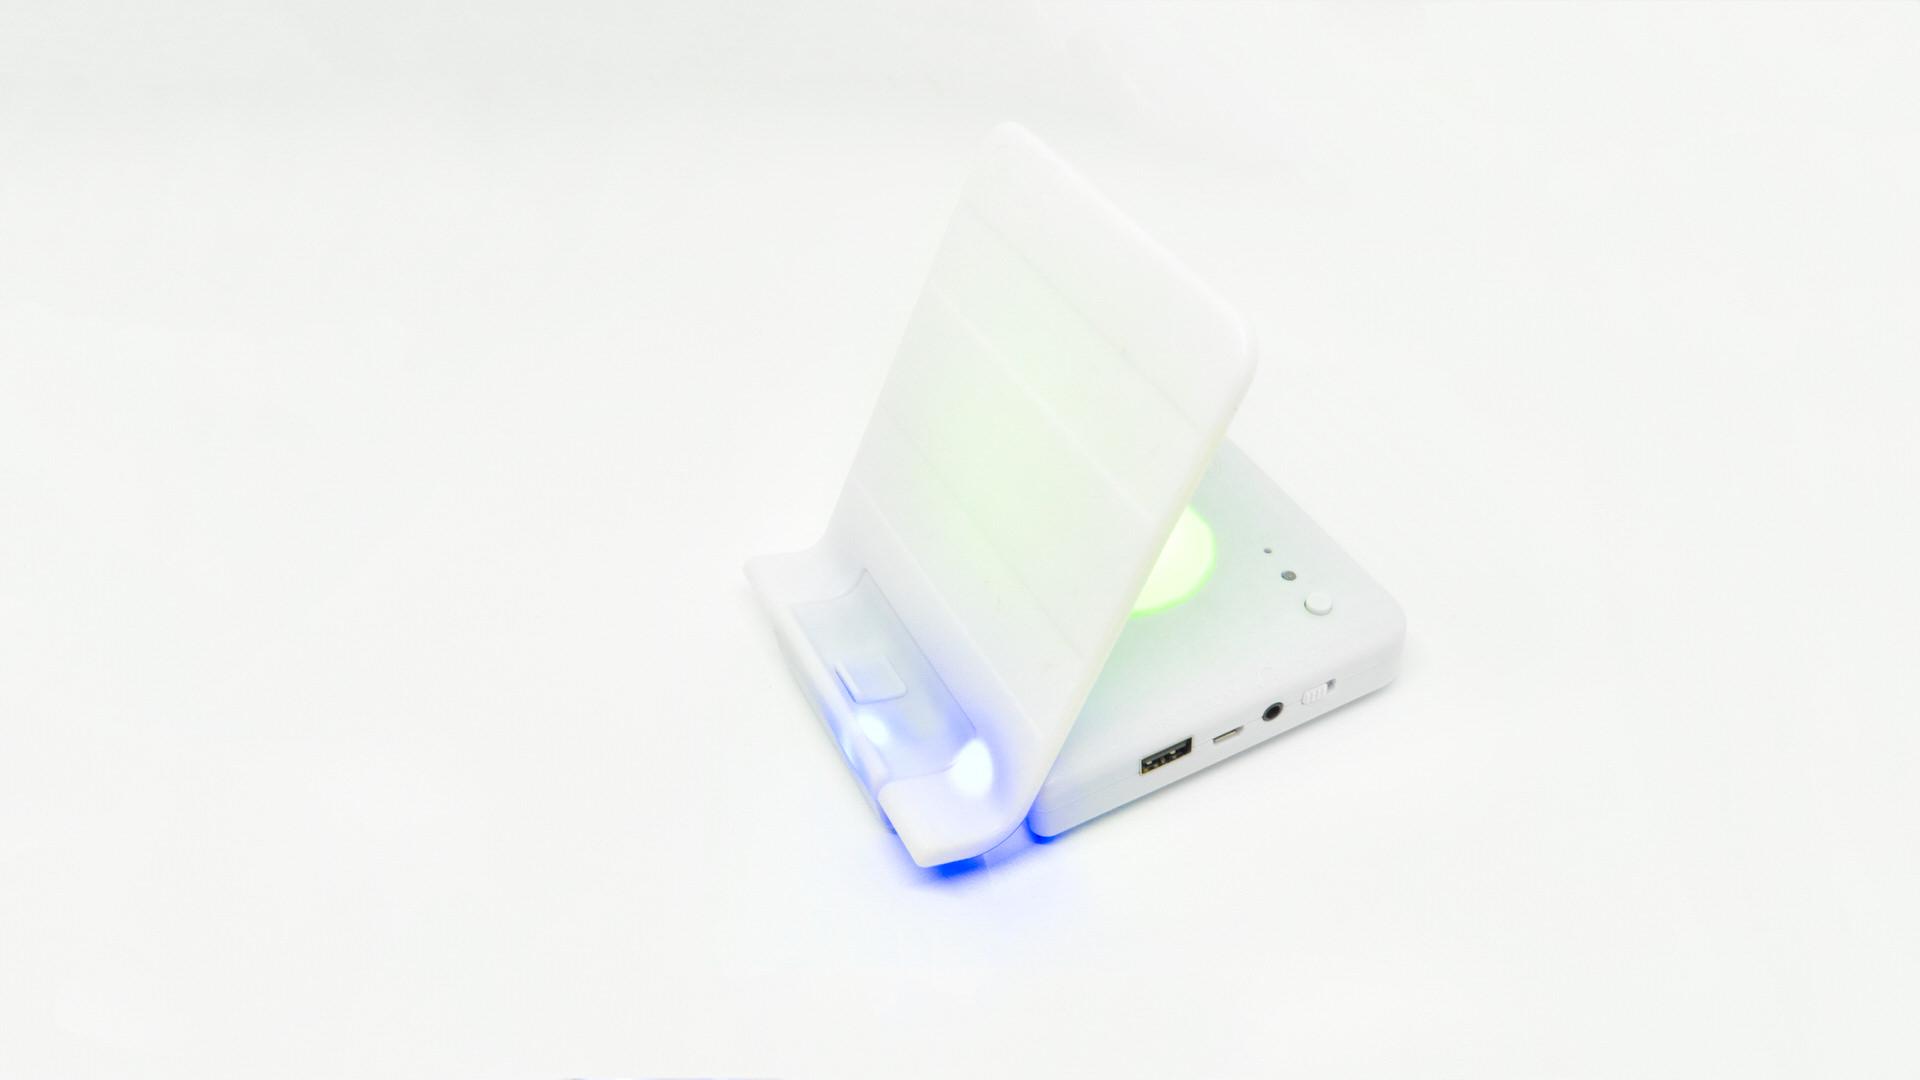 Mobilā tālruņa sensors